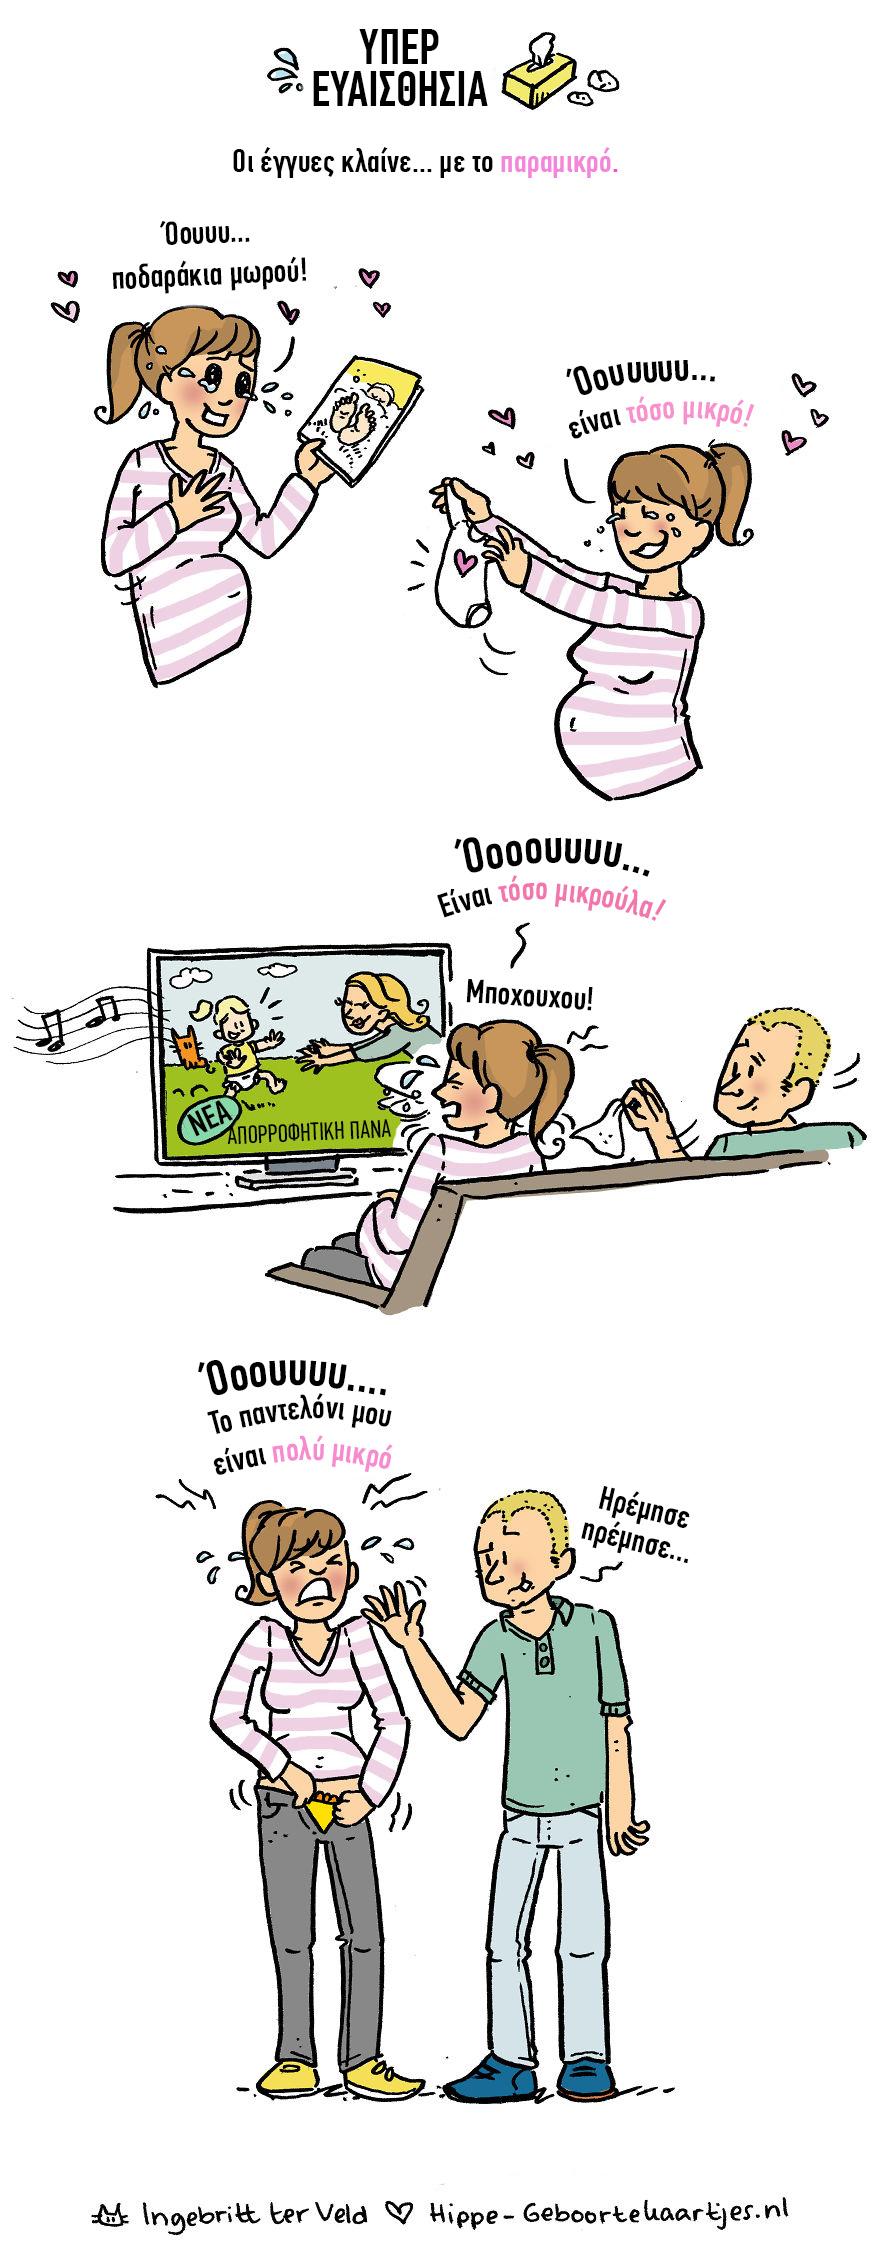 12 ξεκαρδιστικά σκίτσα για την ζωή μιας νέας μητέρας